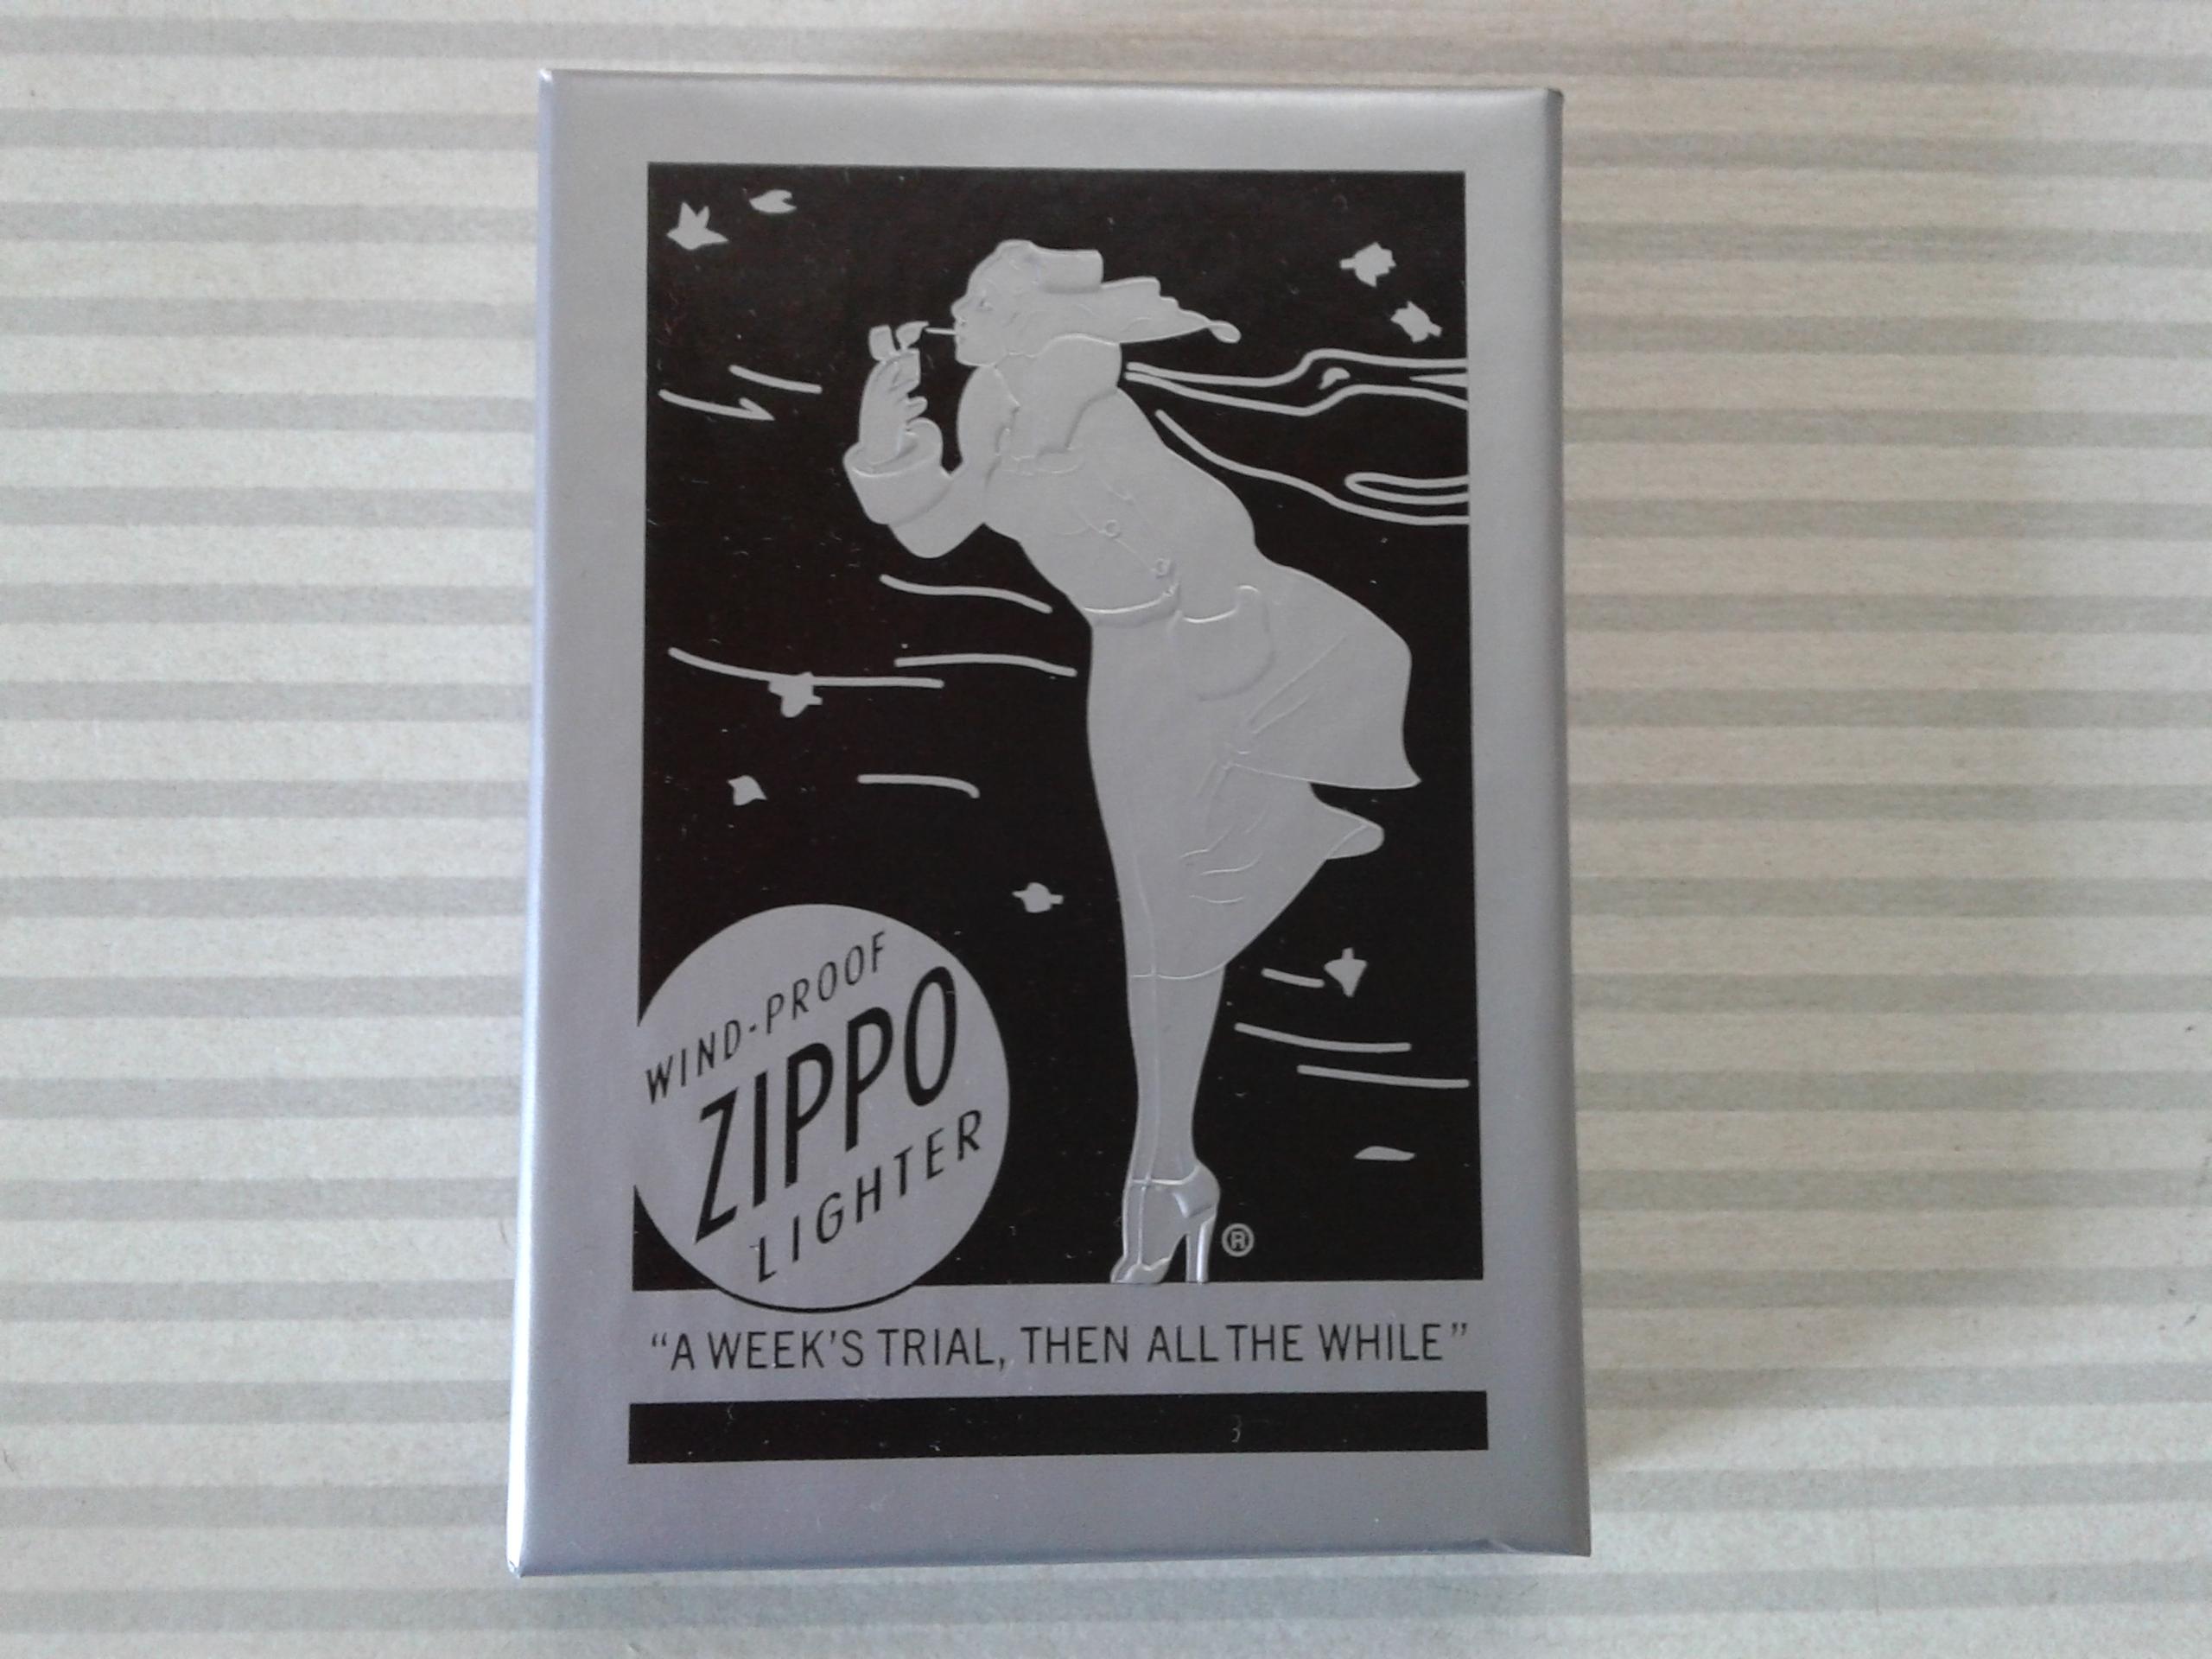 Les boites Zippo au fil du temps - Page 3 361769WindyReplica3520141